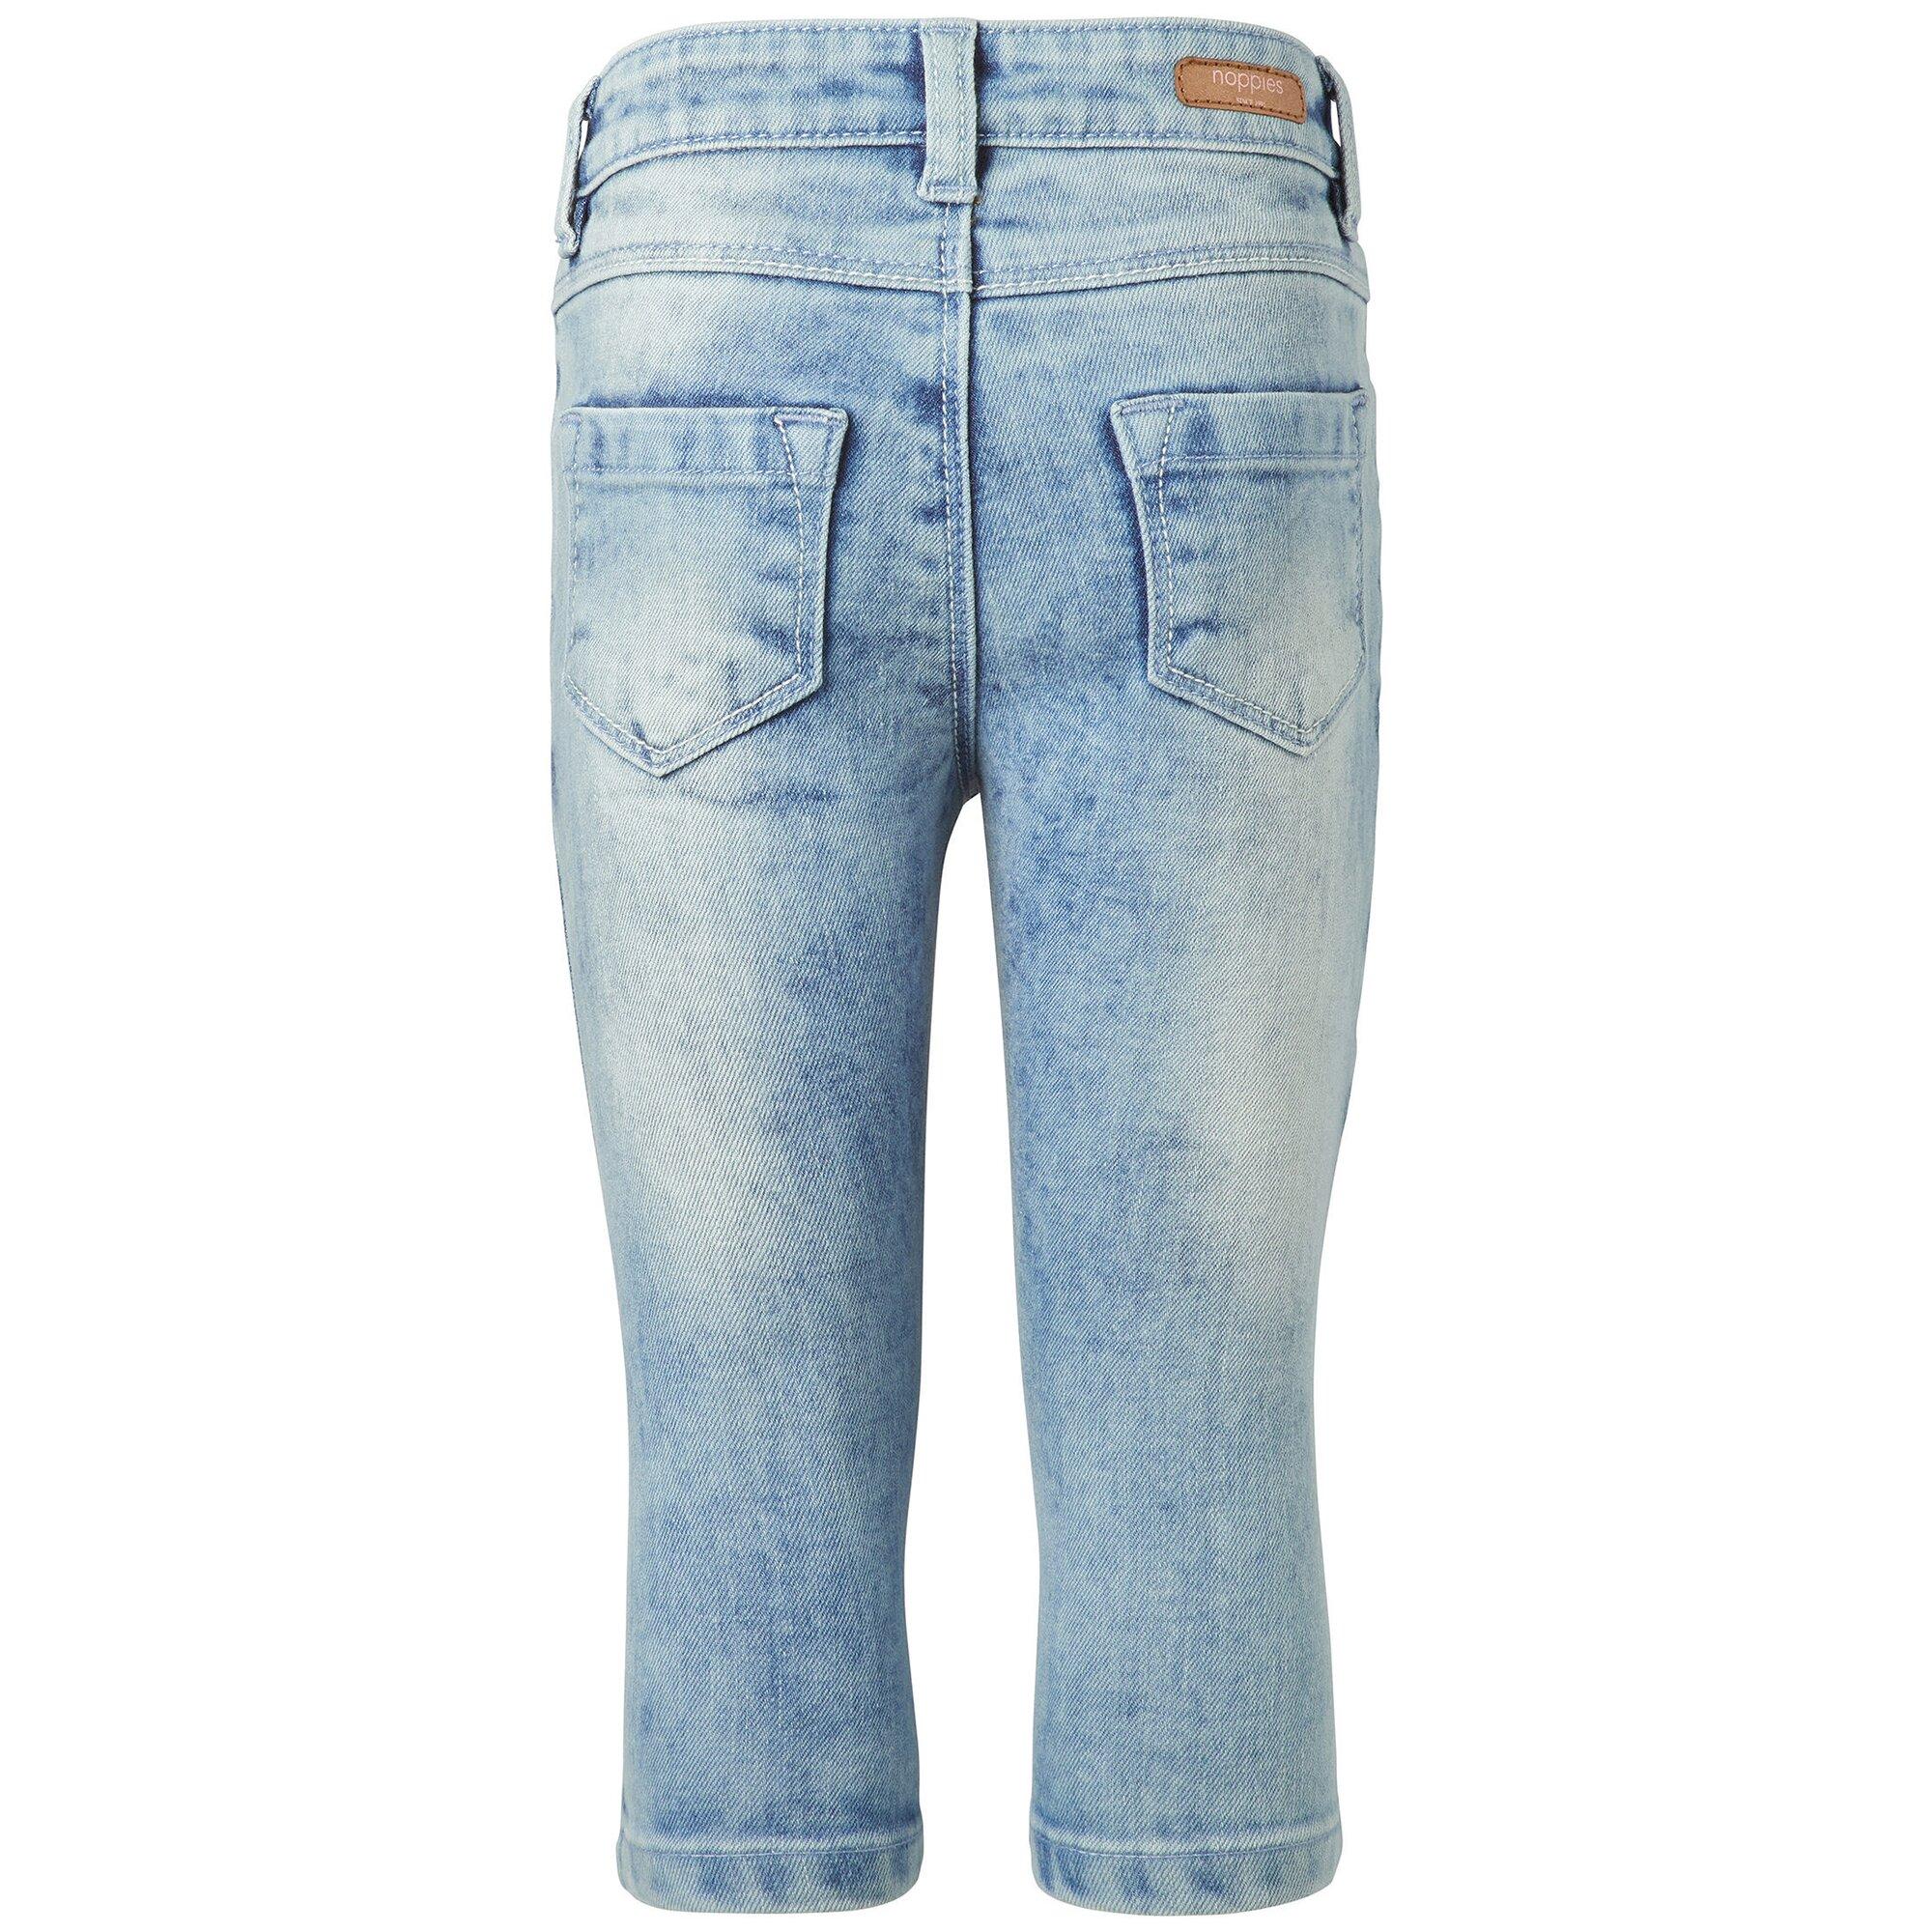 noppies-capri-jeans-mere, 39.99 EUR @ babywalz-de